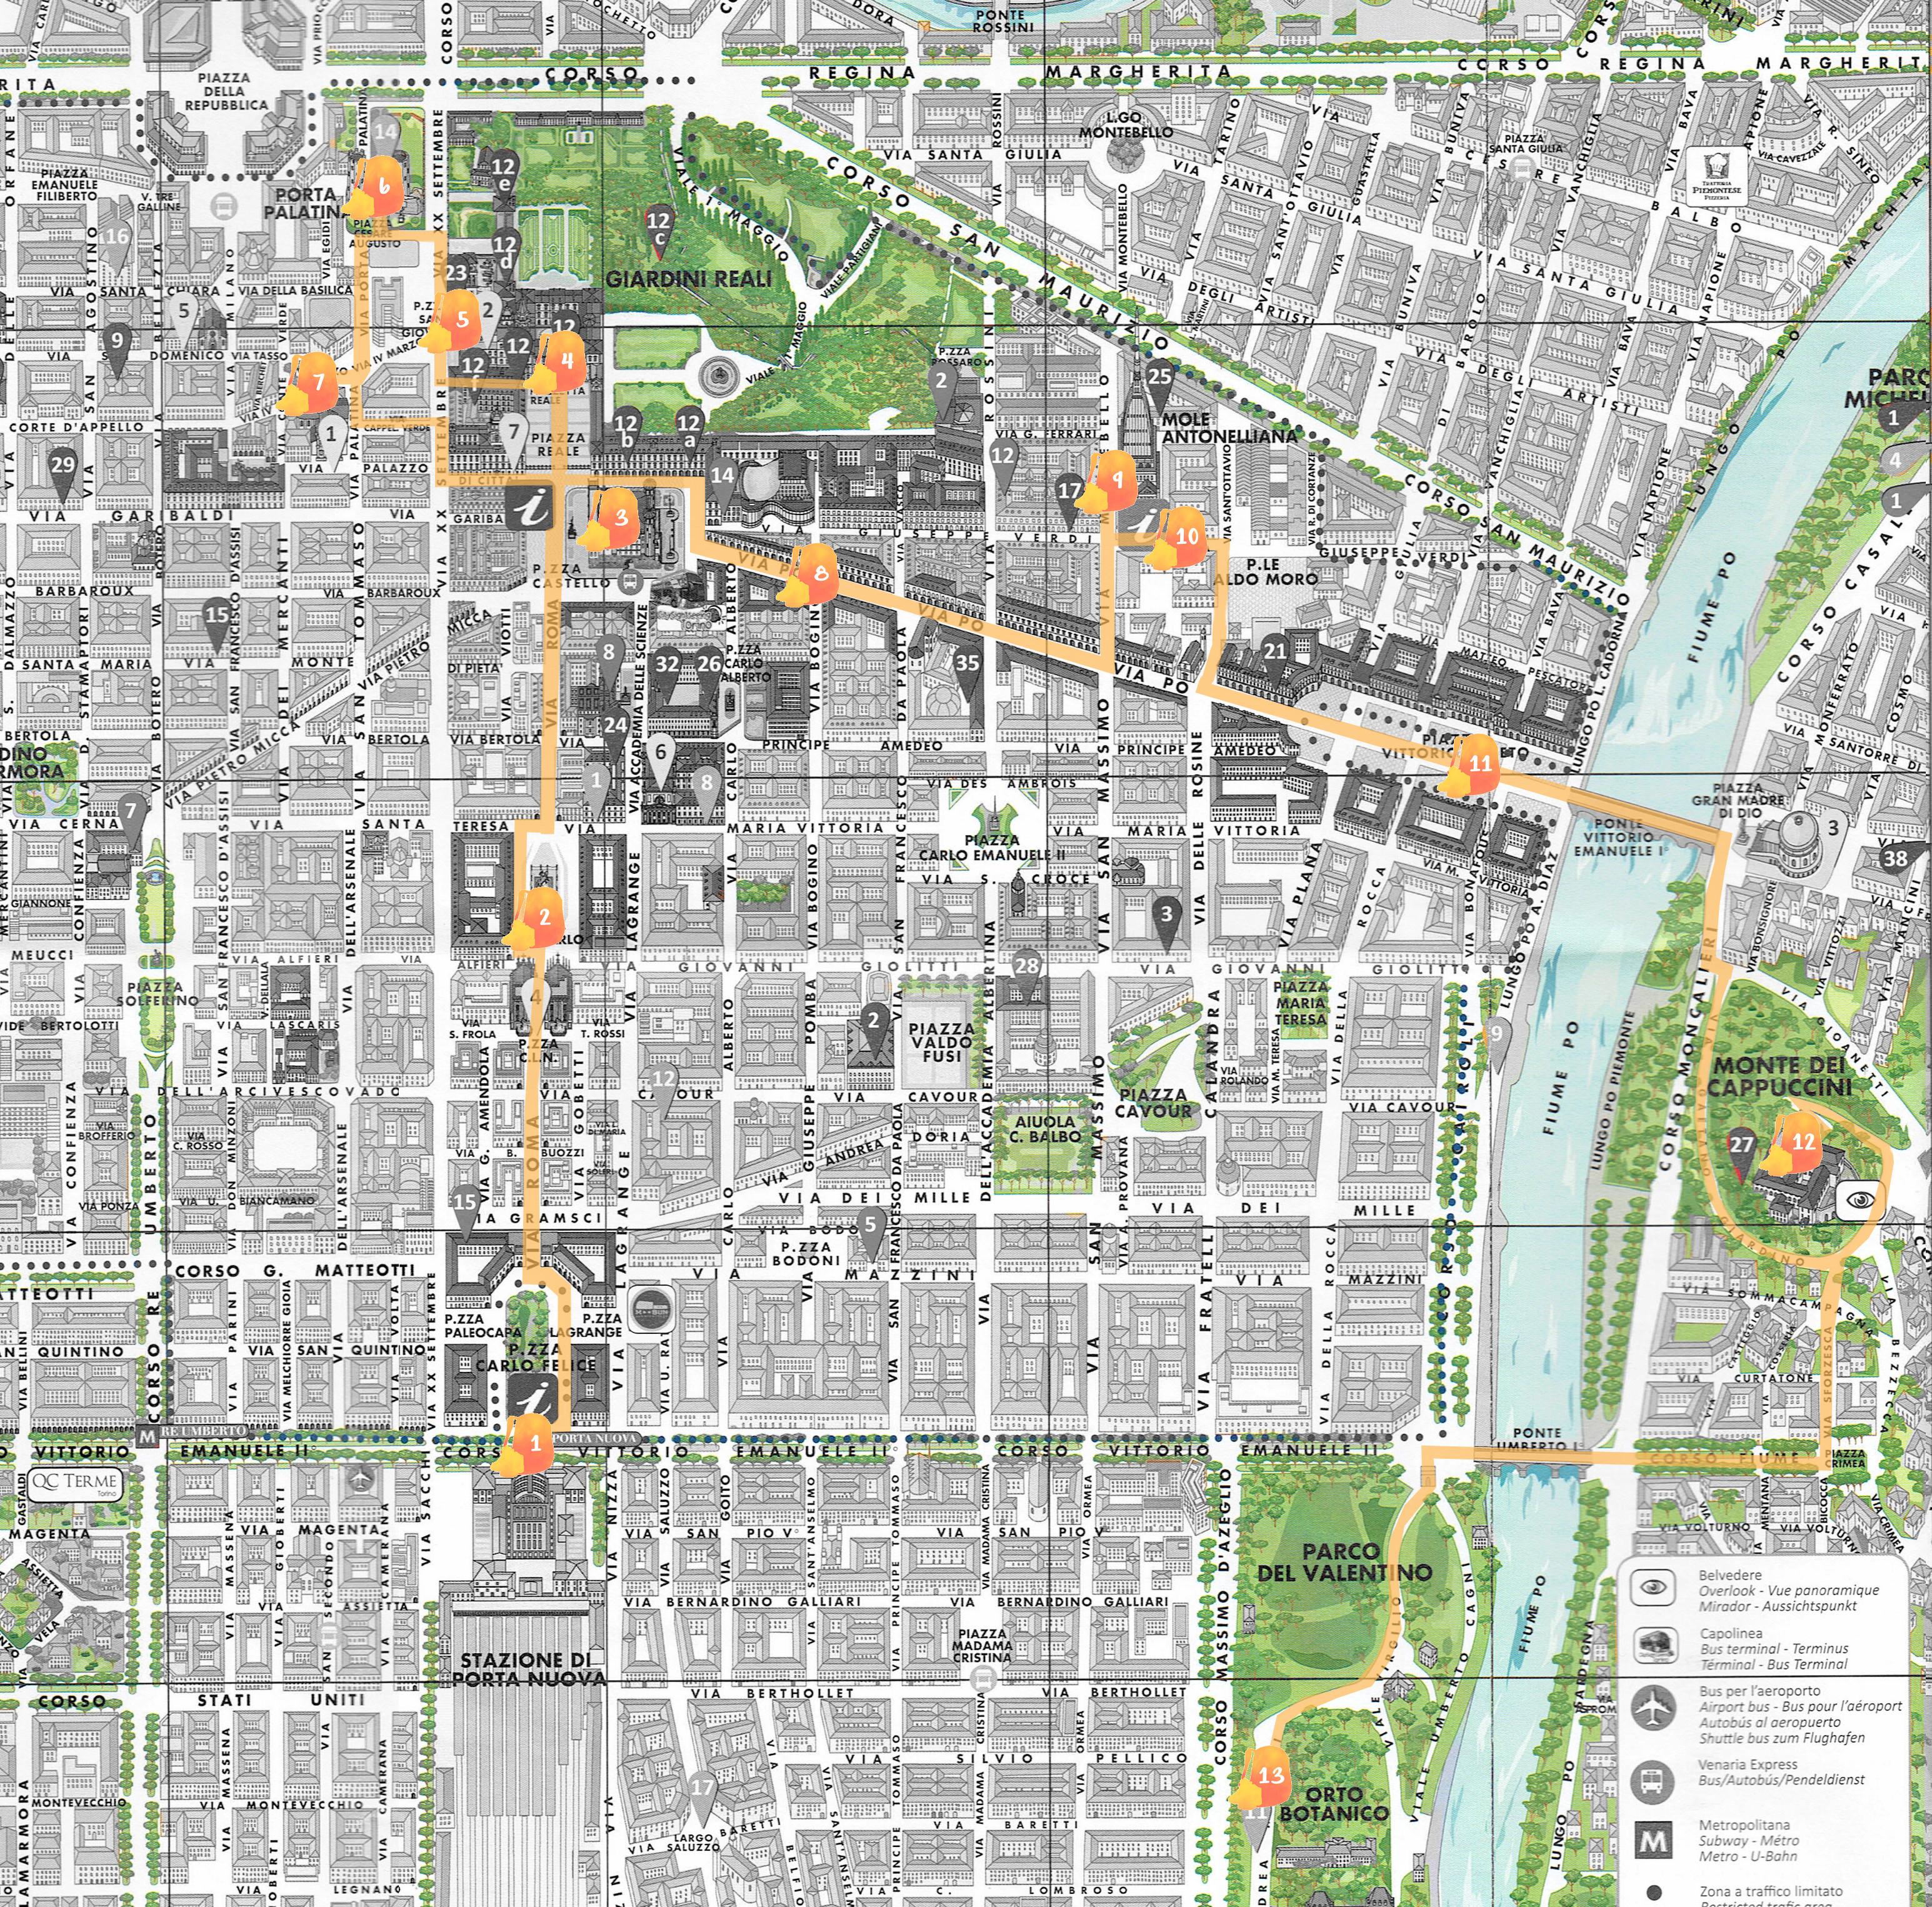 Mapa con la ruta señalada